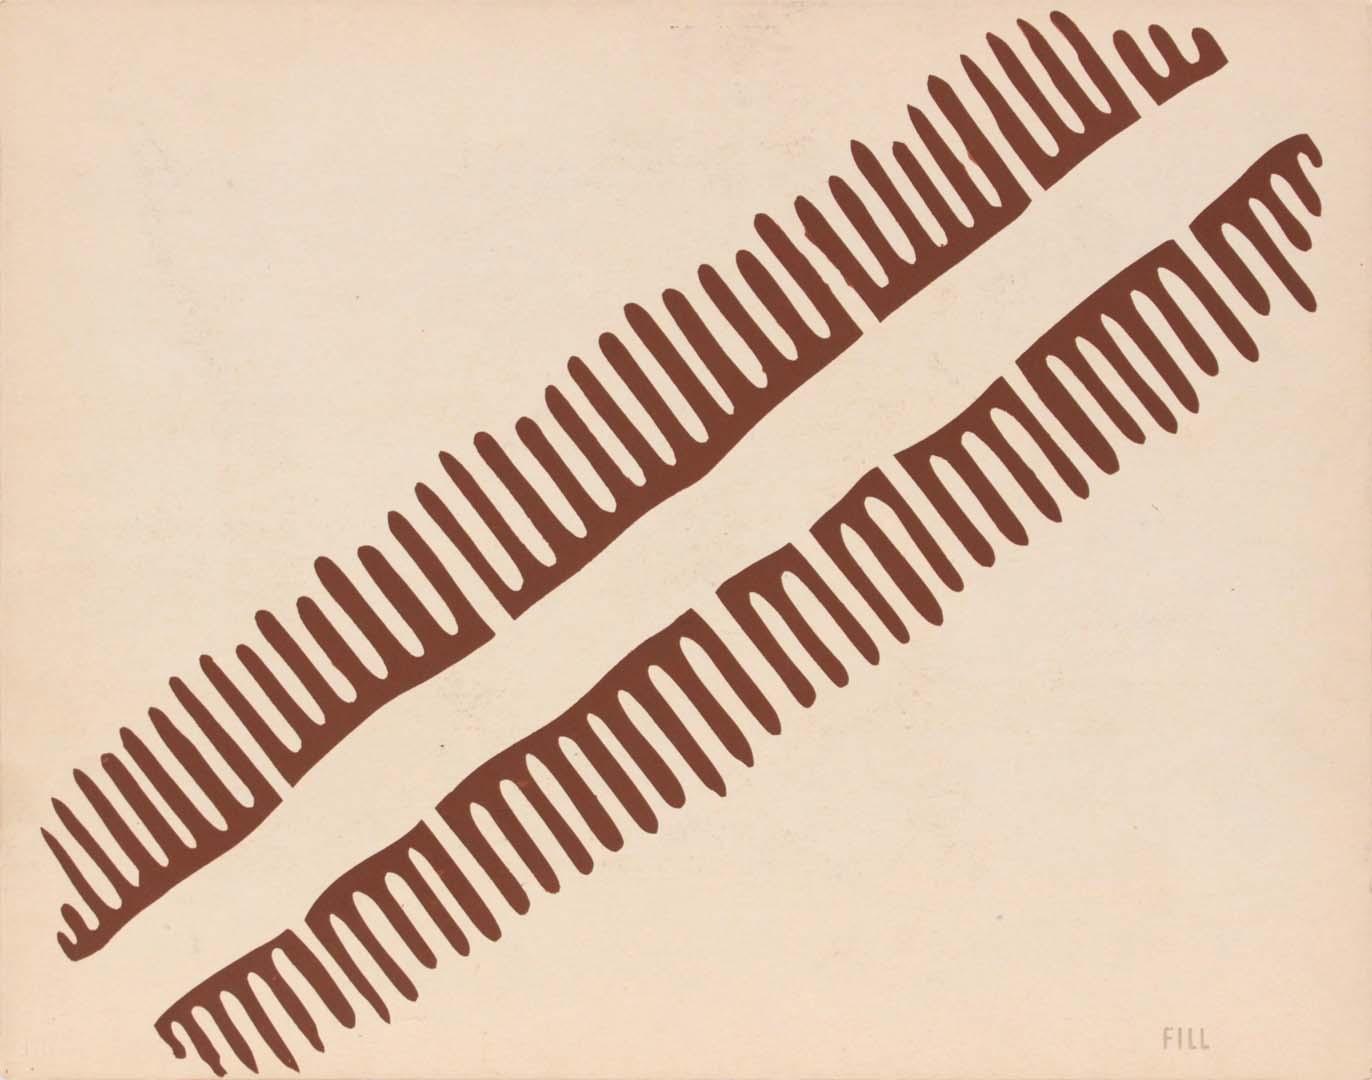 1944 Image 64 (Front Fill) Silkscreen 11 x 14